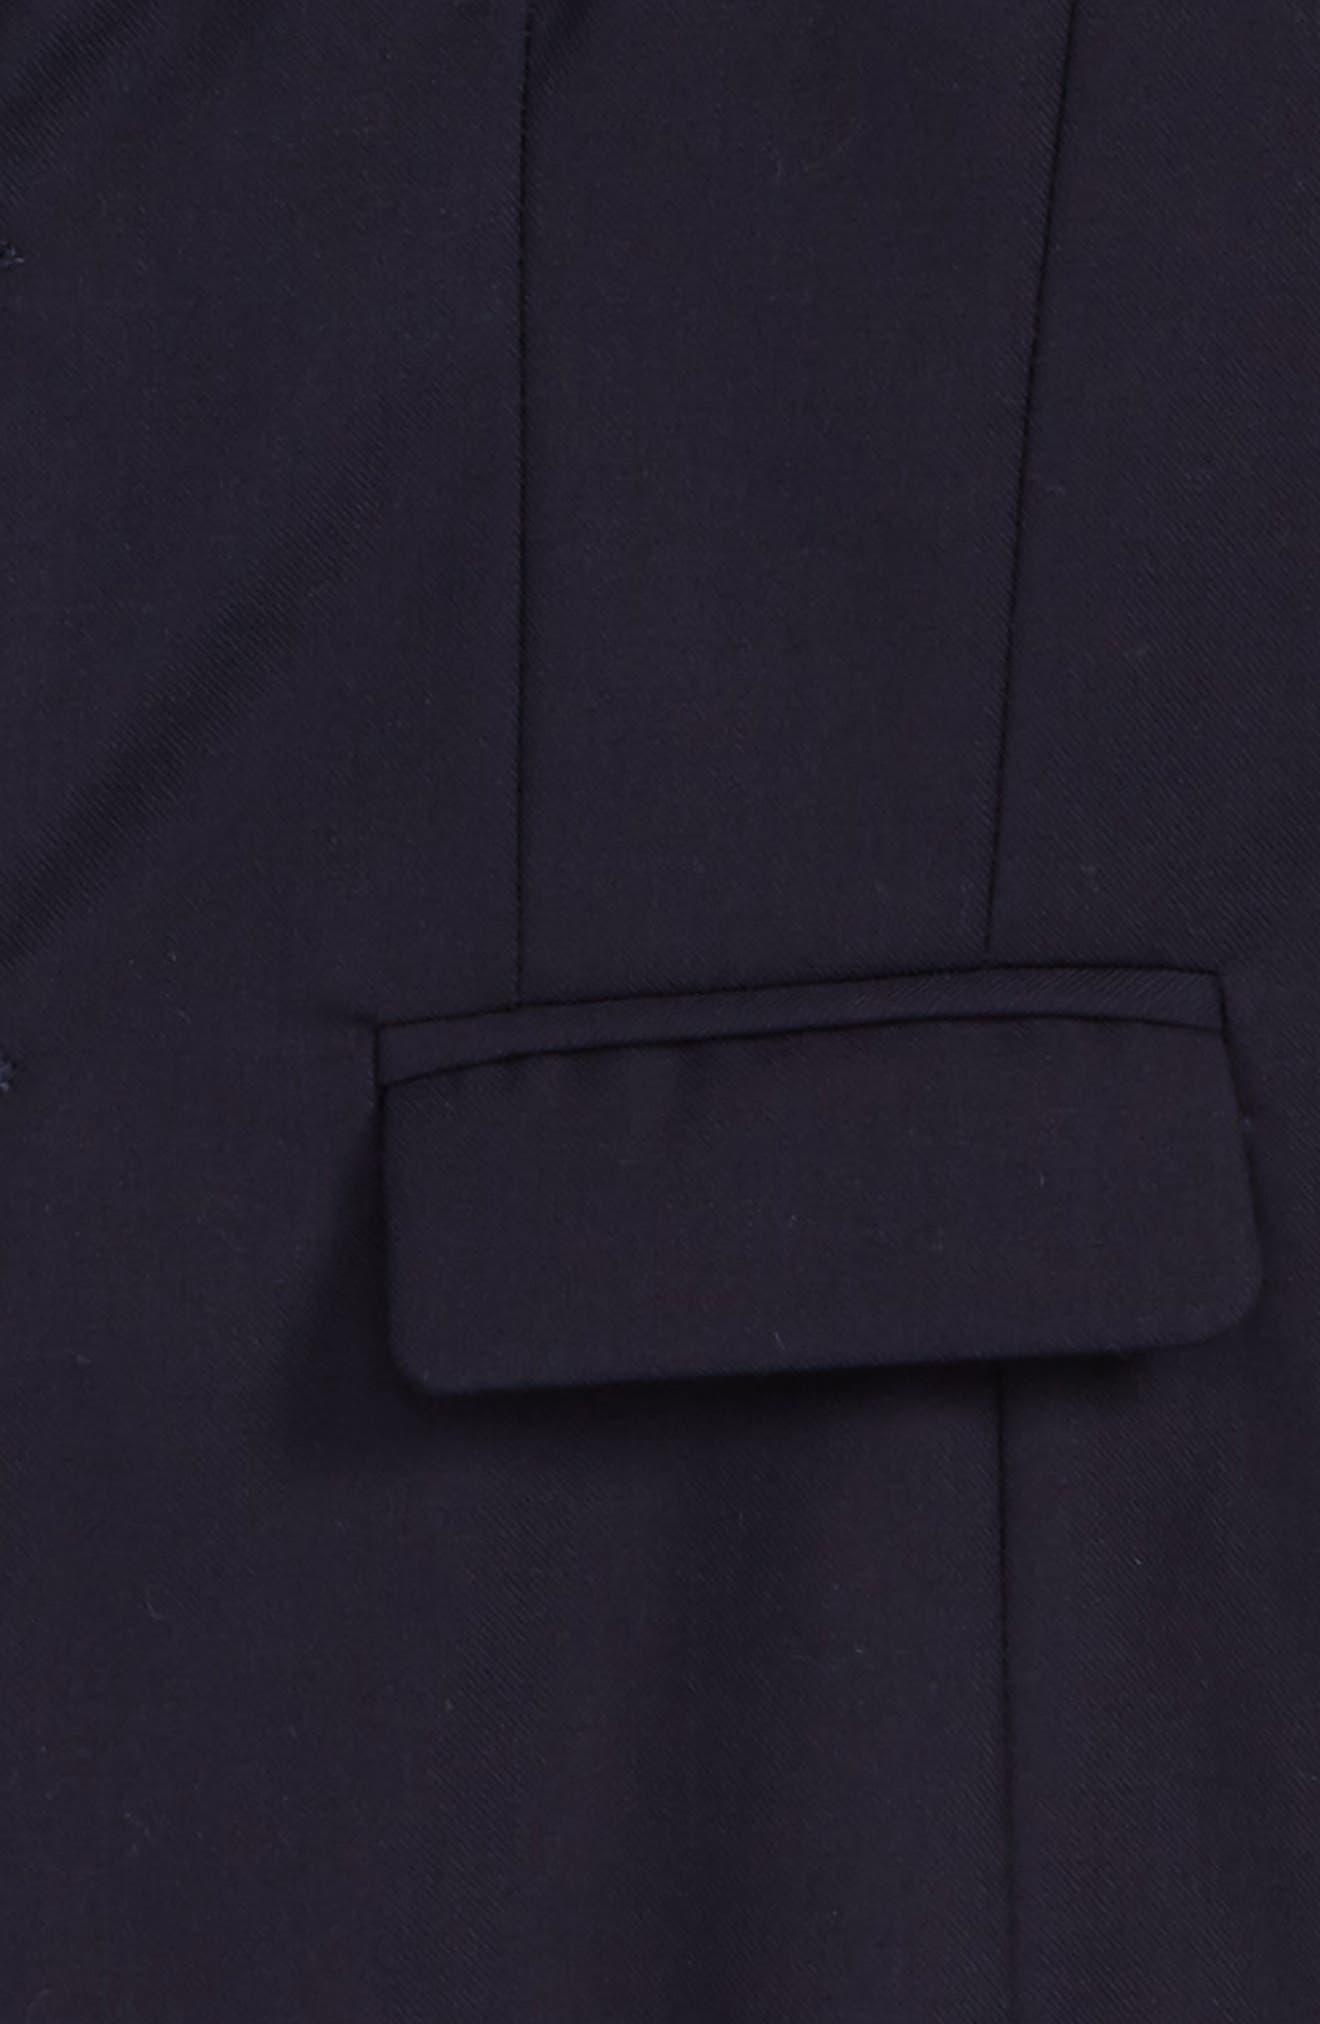 Harry Suit Jacket,                             Main thumbnail 3, color,